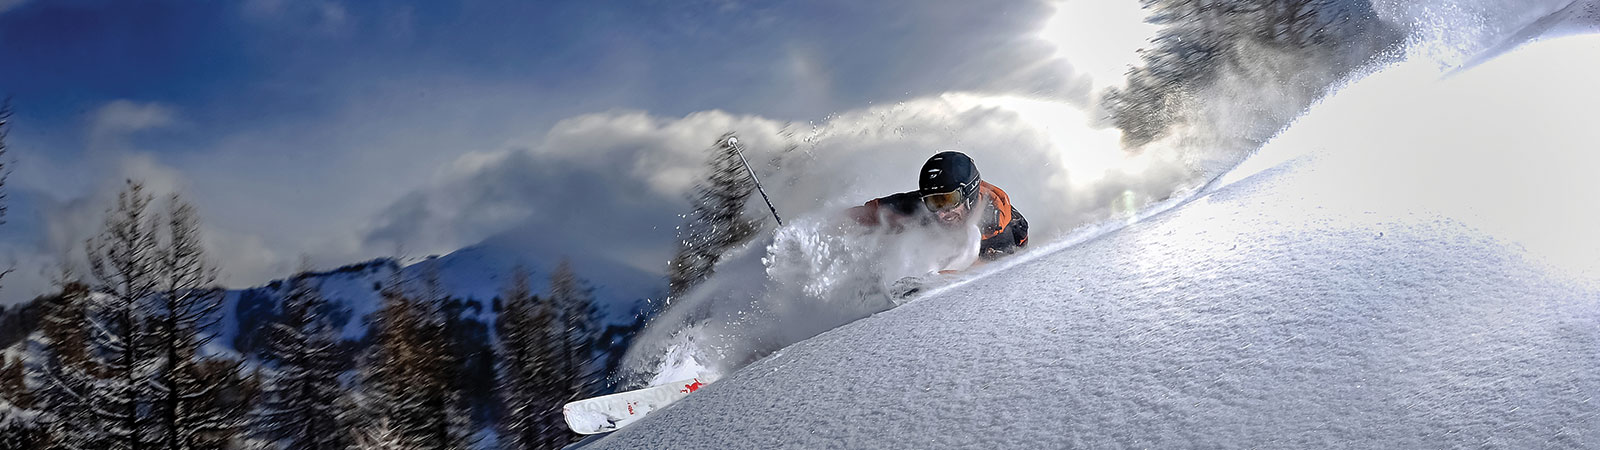 ski-alpin-club-ffs